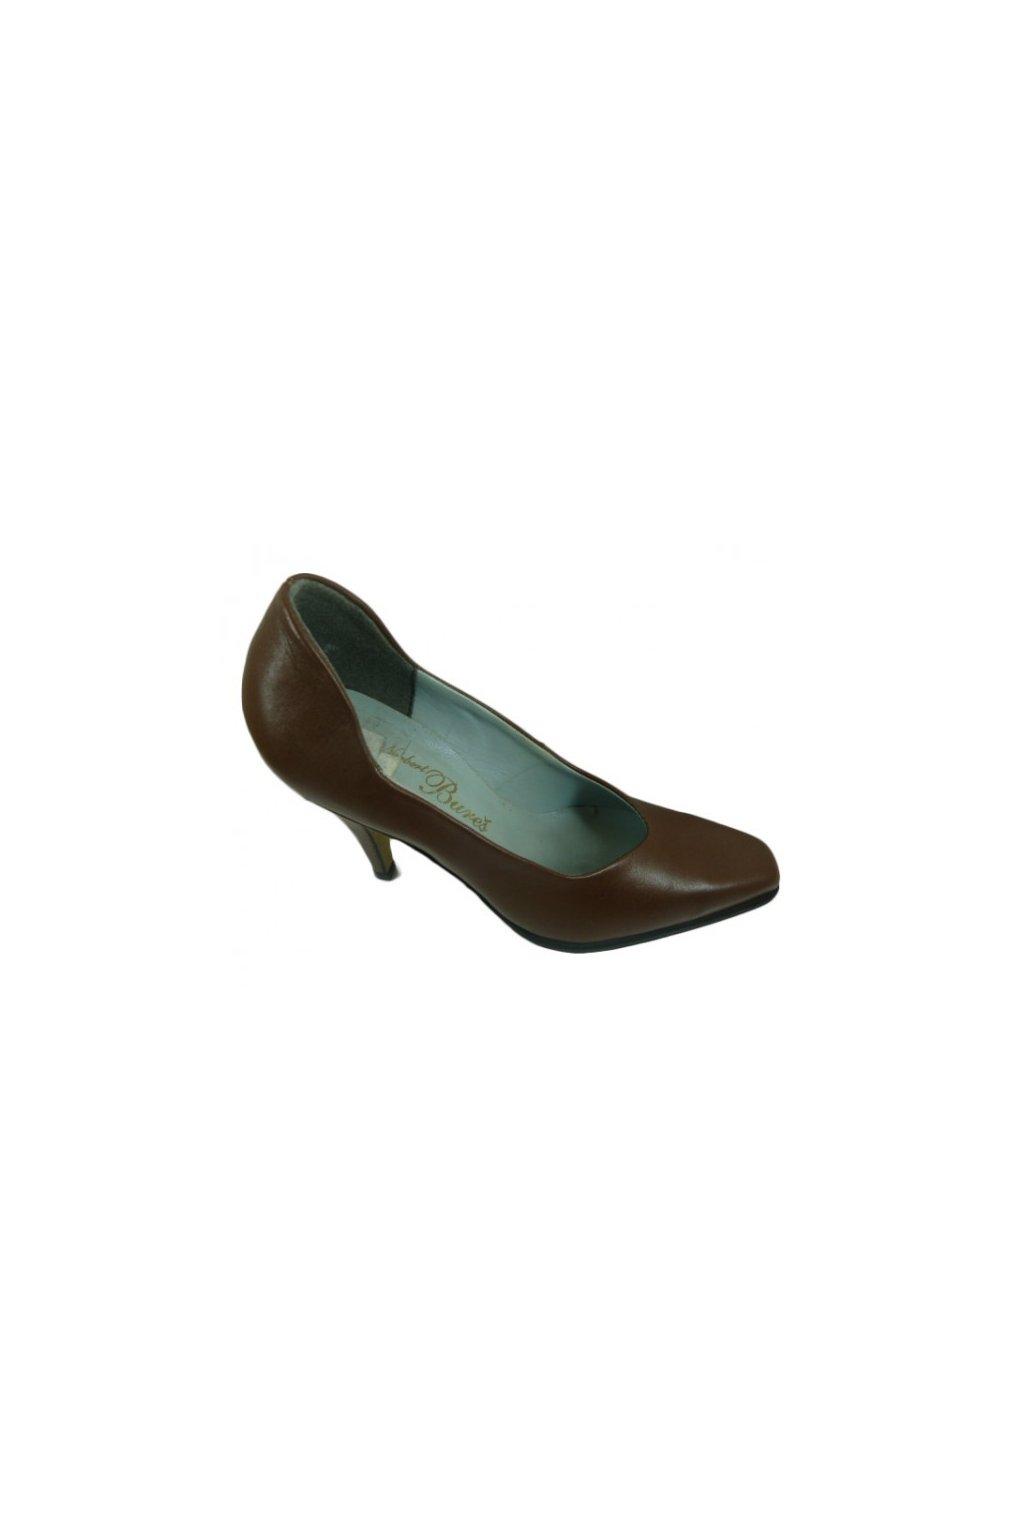 Podměrná dámská obuv Maxam 501183